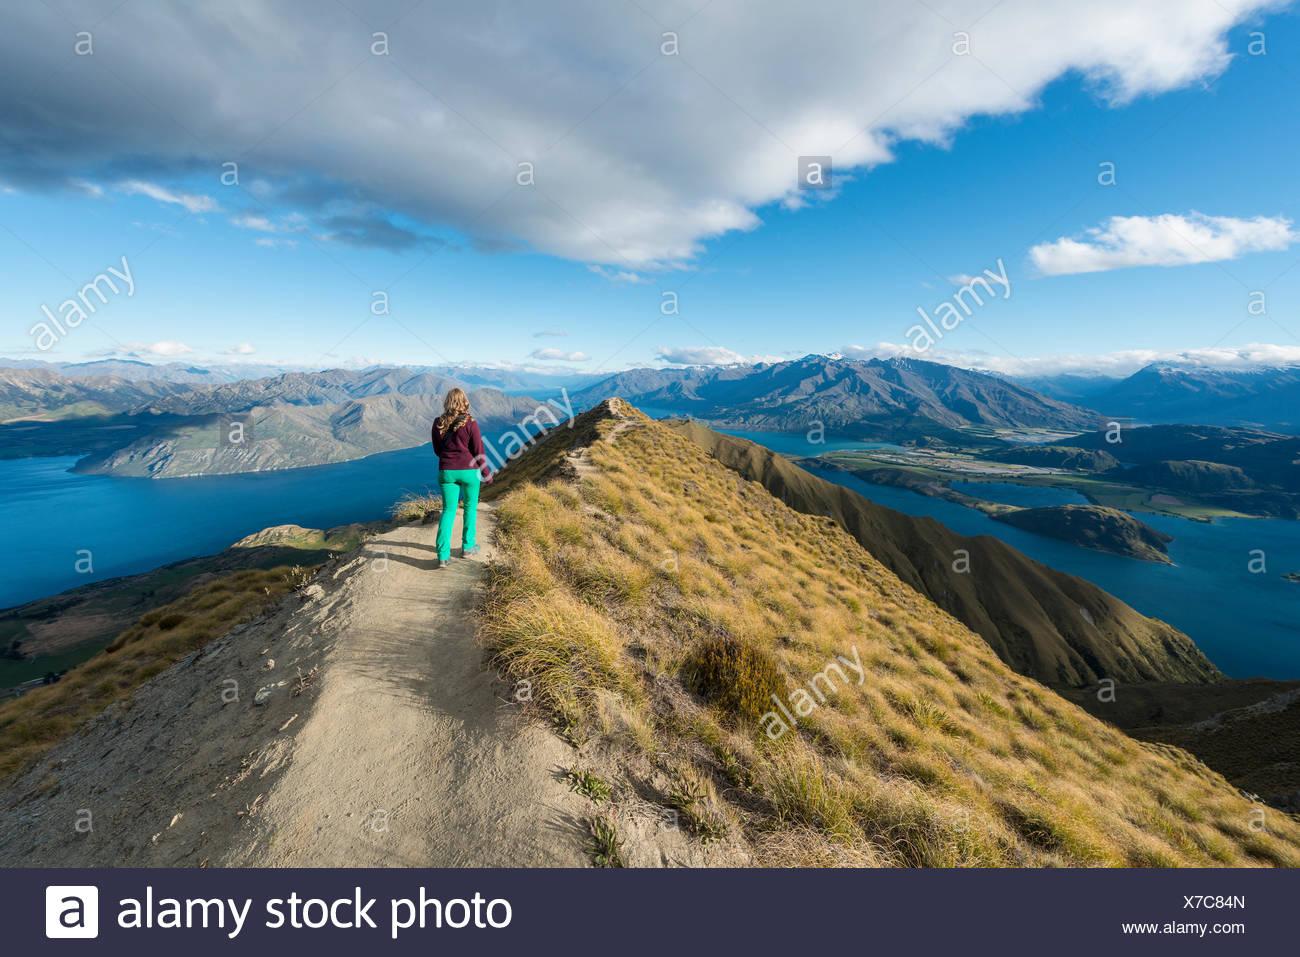 Femme randonnée sur crête, vue sur montagnes et lac, Roys Peak, Lake Wanaka, Alpes du Sud, région de l'Otago, Southland, Nouvelle-Zélande Photo Stock